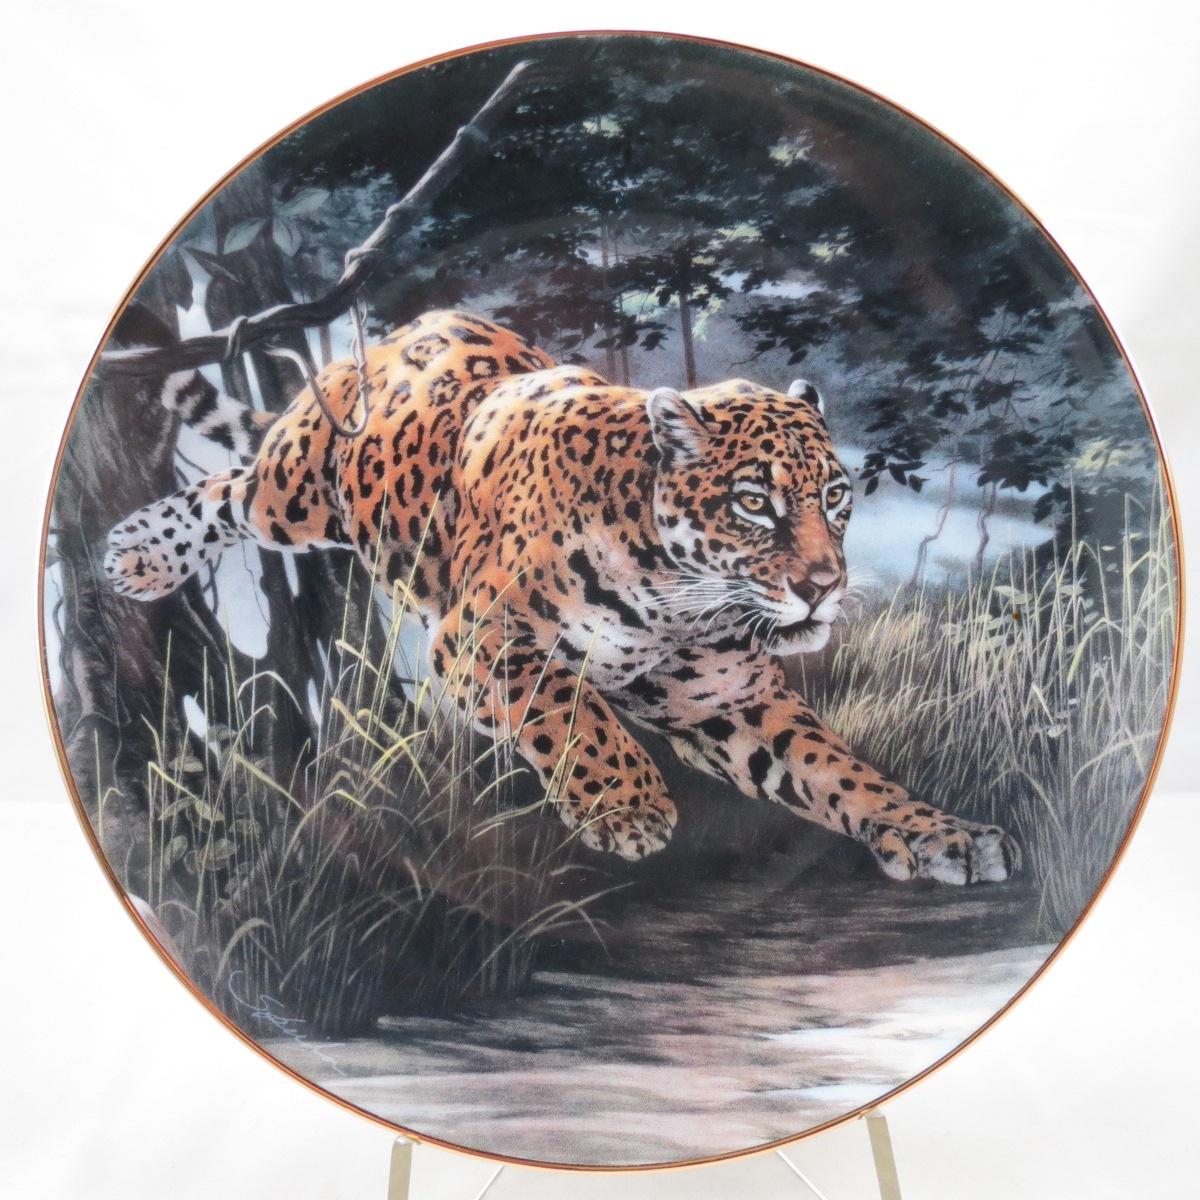 Декоративная коллекционная тарелка Федерация Дикой Природы. Большие Кошки: Ночной сталкер. Леопард. Фарфор, деколь, золочение, США, Franklin Mint, 1990-е гг.